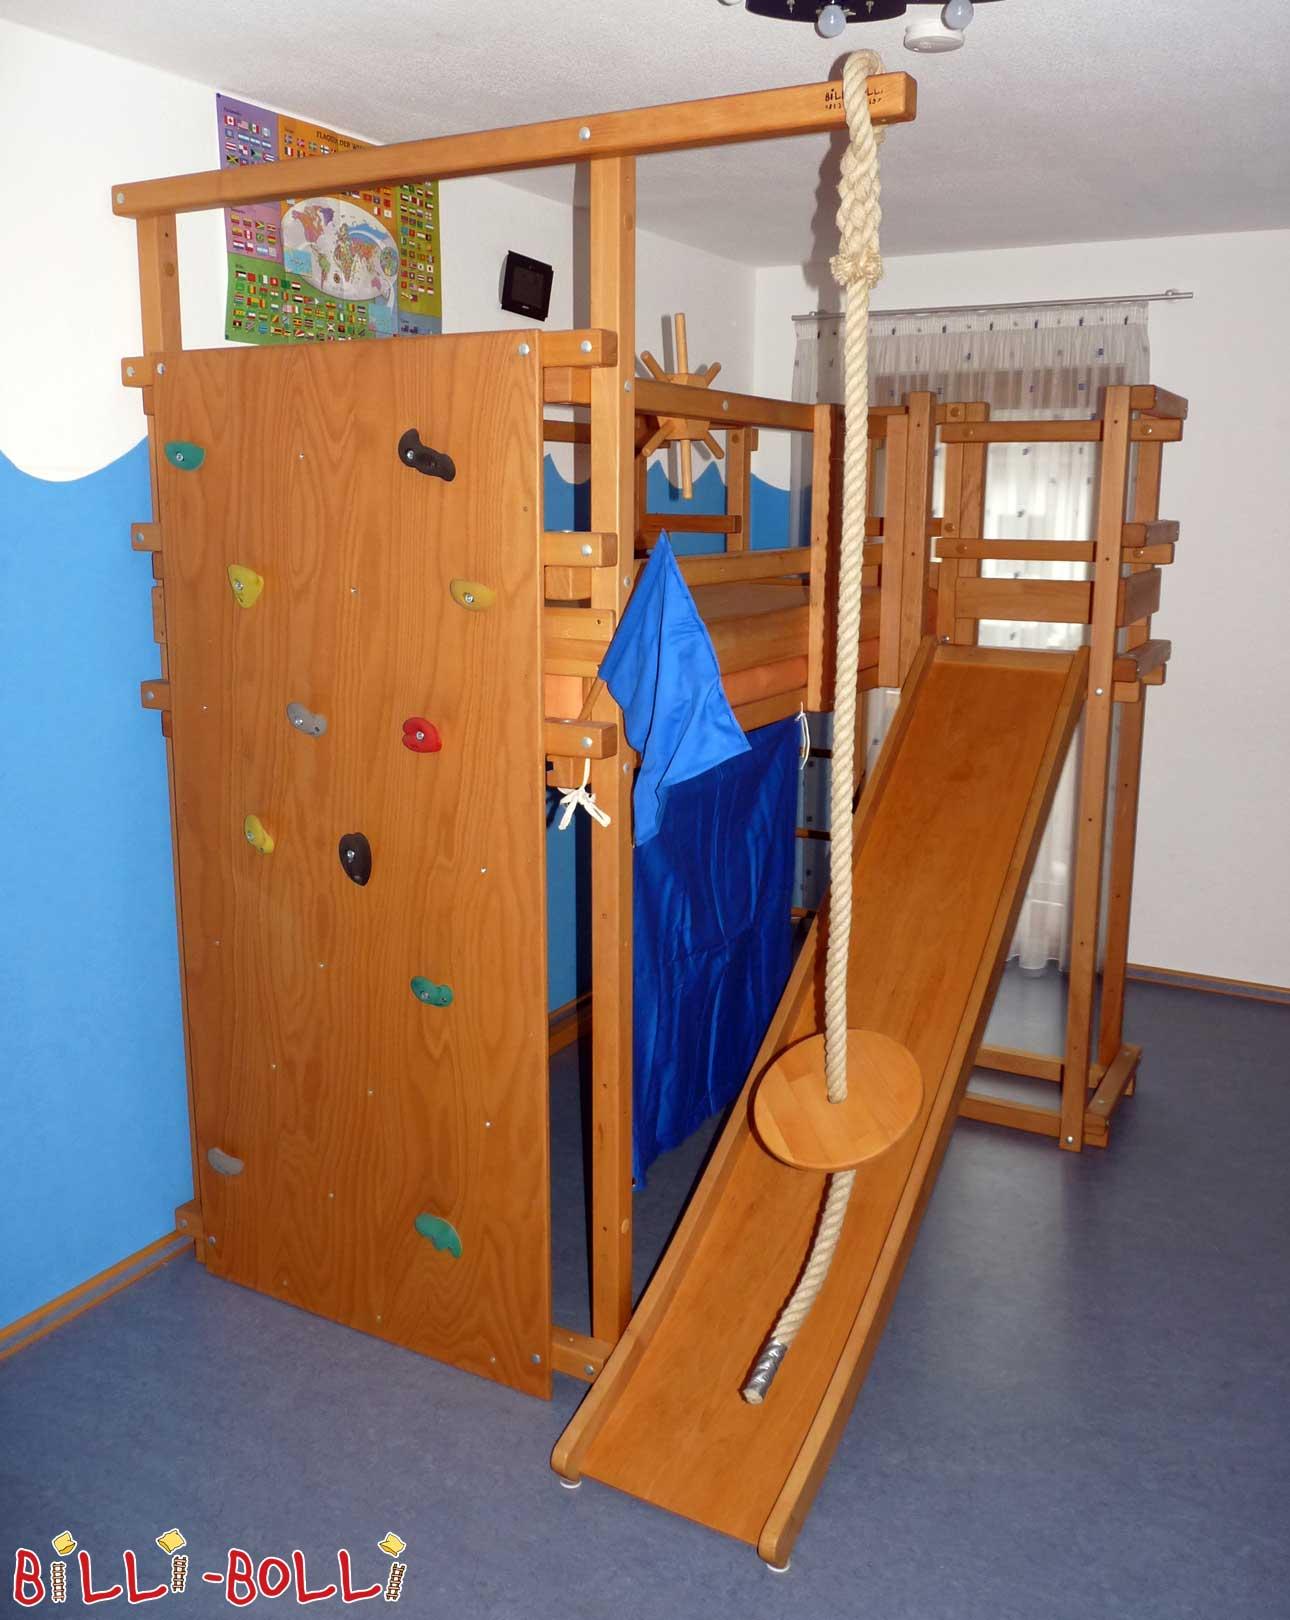 zum klettern | billi-bolli kindermöbel